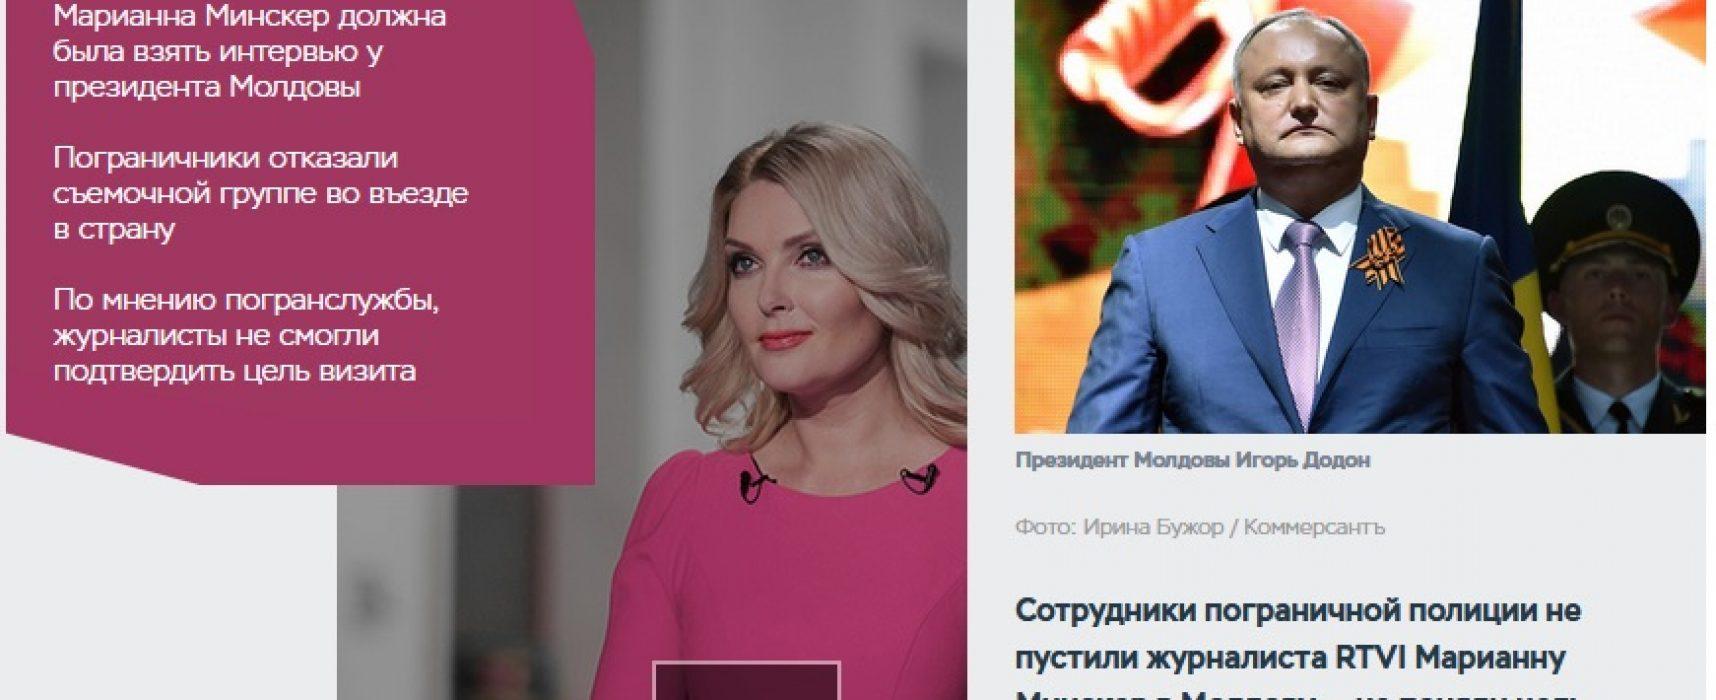 В Молдову не пустили российских журналистов, которые летели к Додону